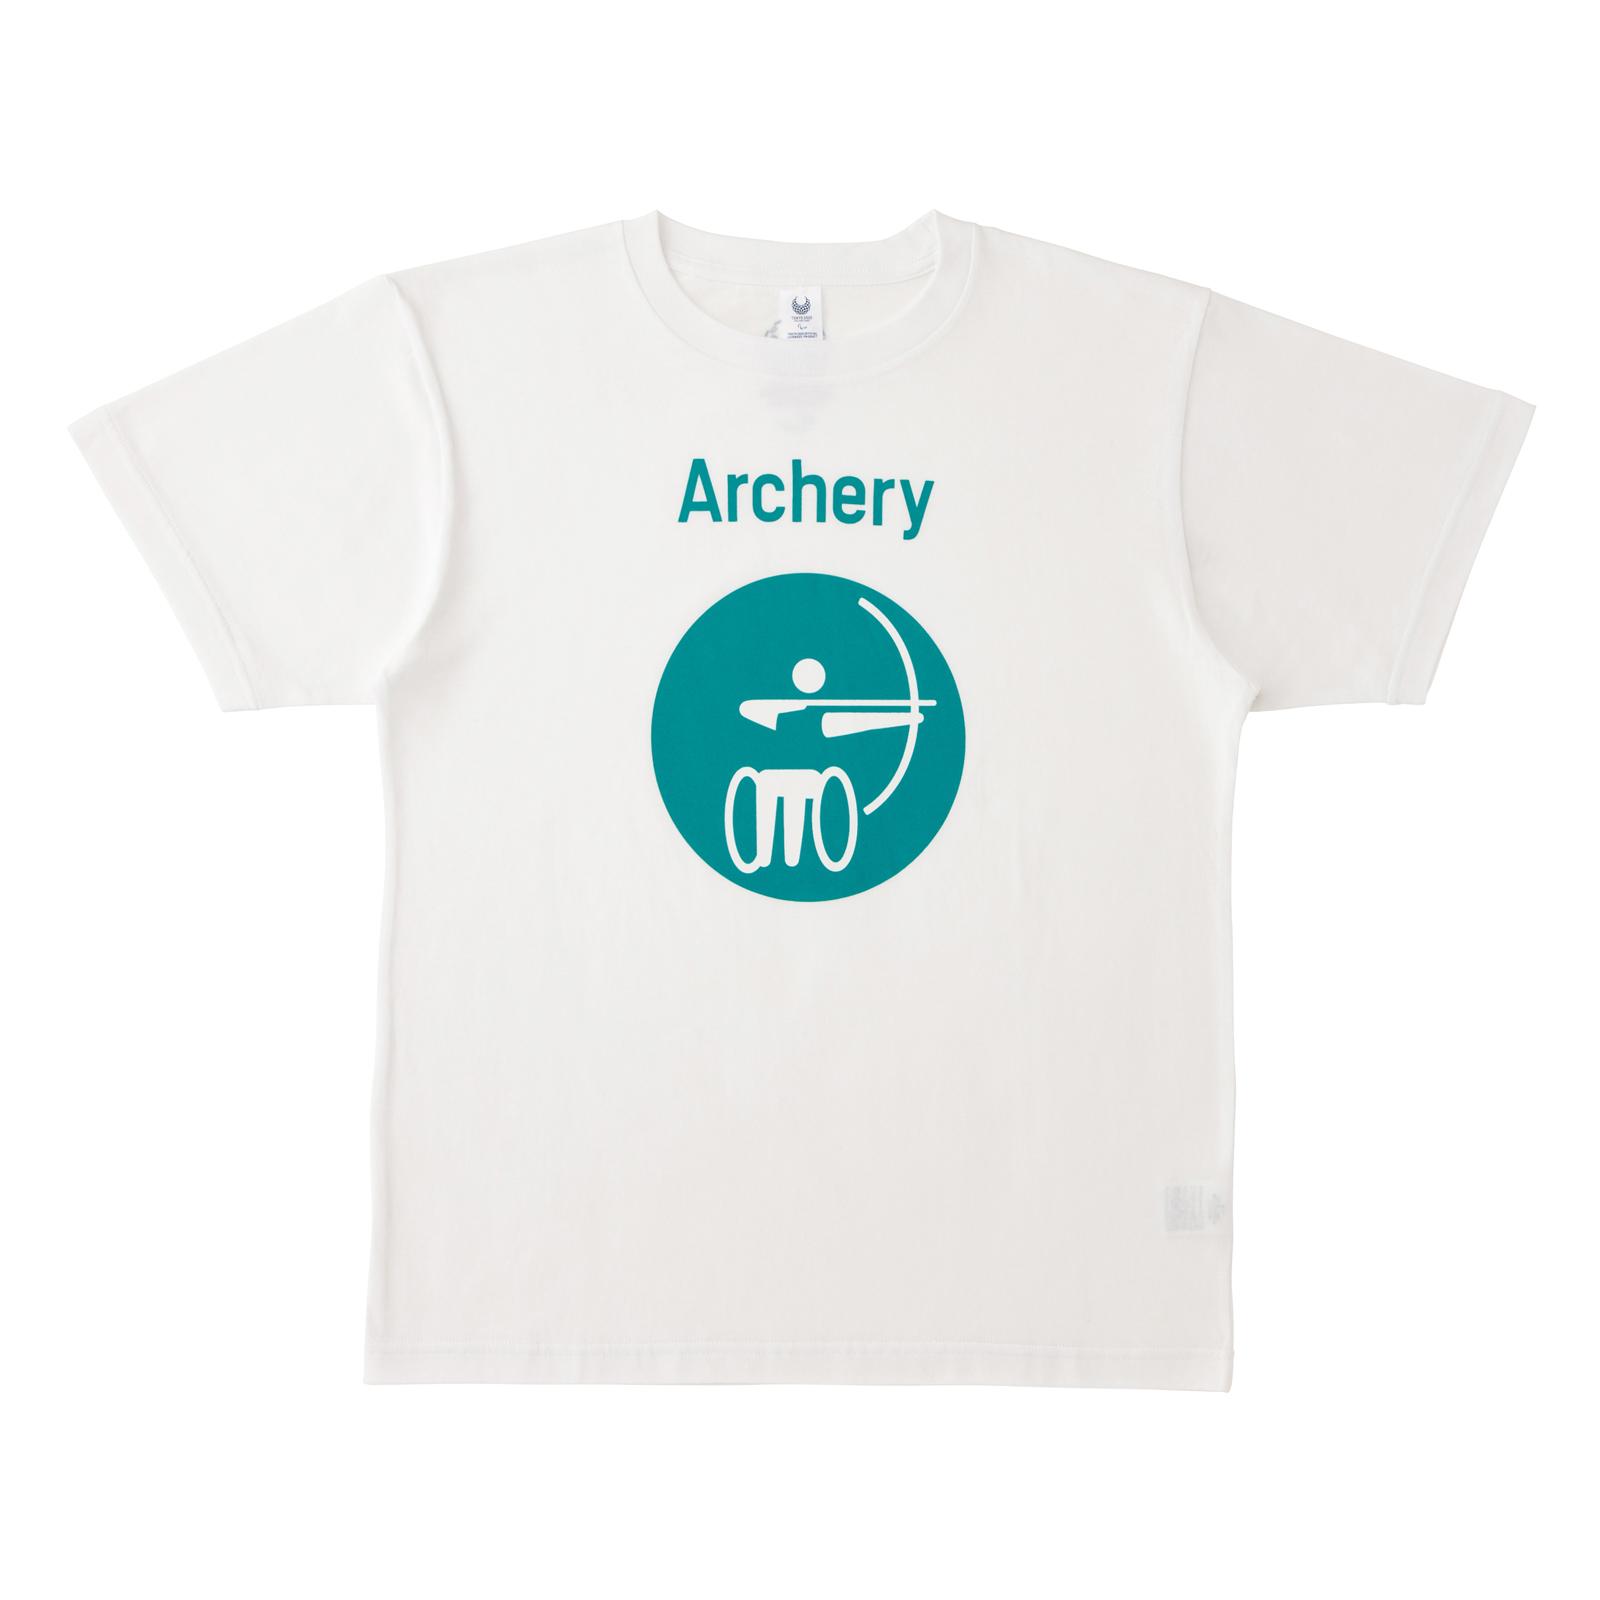 Tシャツアーチェリー(東京2020パラリンピックスポーツピクトグラム)